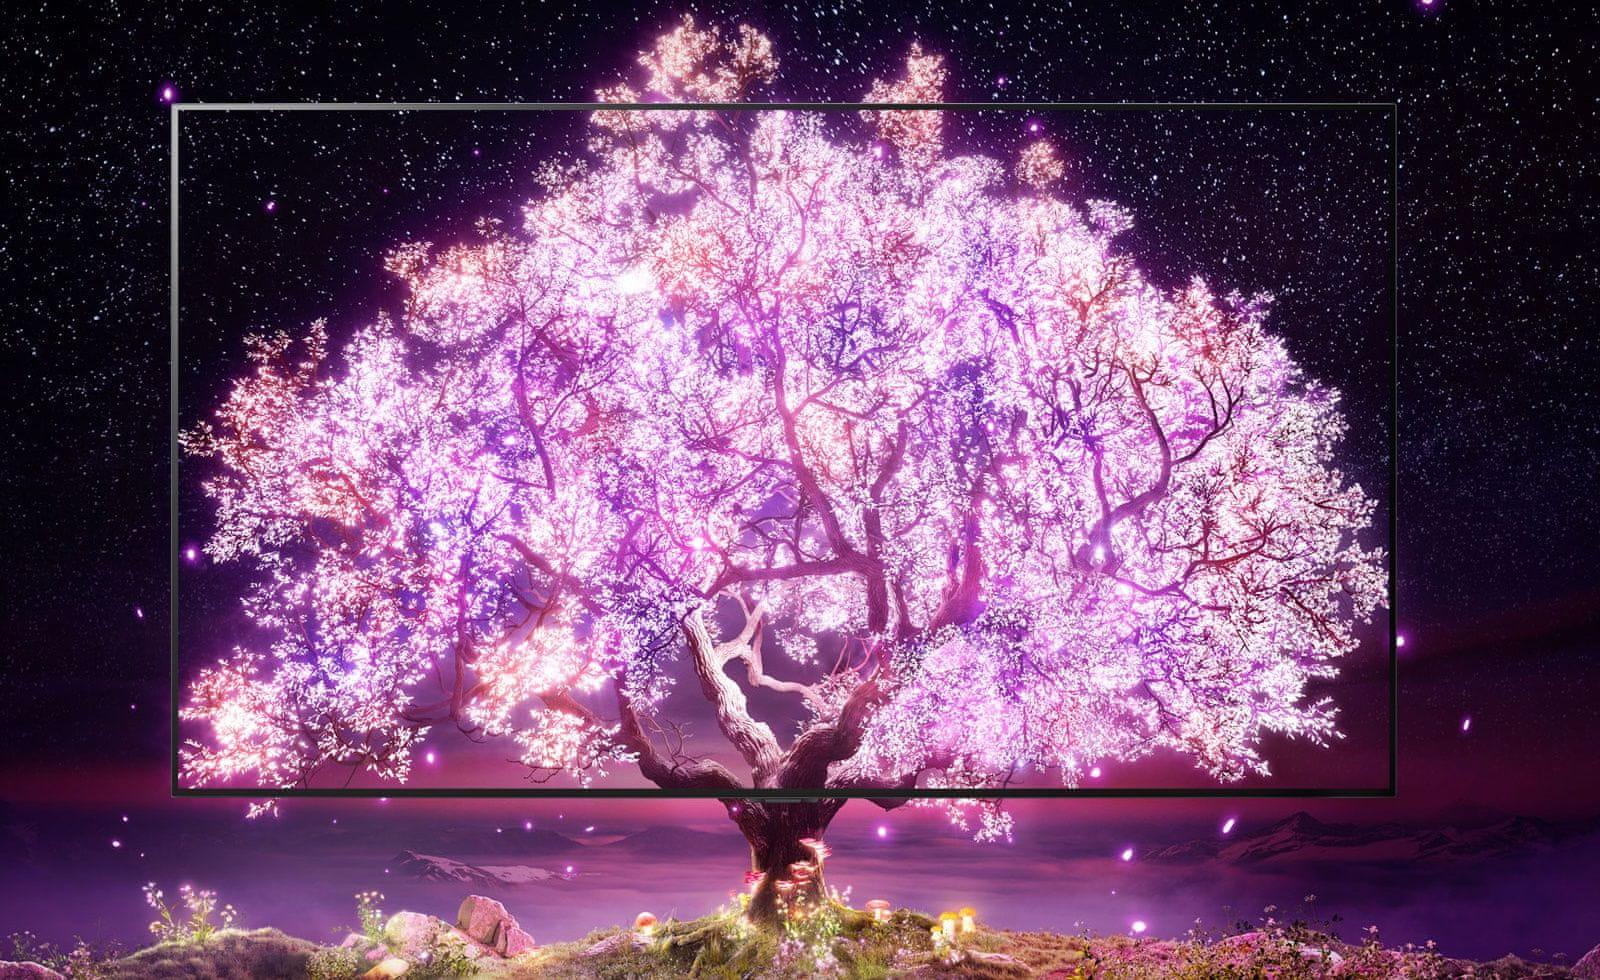 LG TV televize OLED evo 4K 2021 100 milionů samosvítících pixelů nekonečný kontrast 100% objem barev dolby vision iq hdr 10 pro